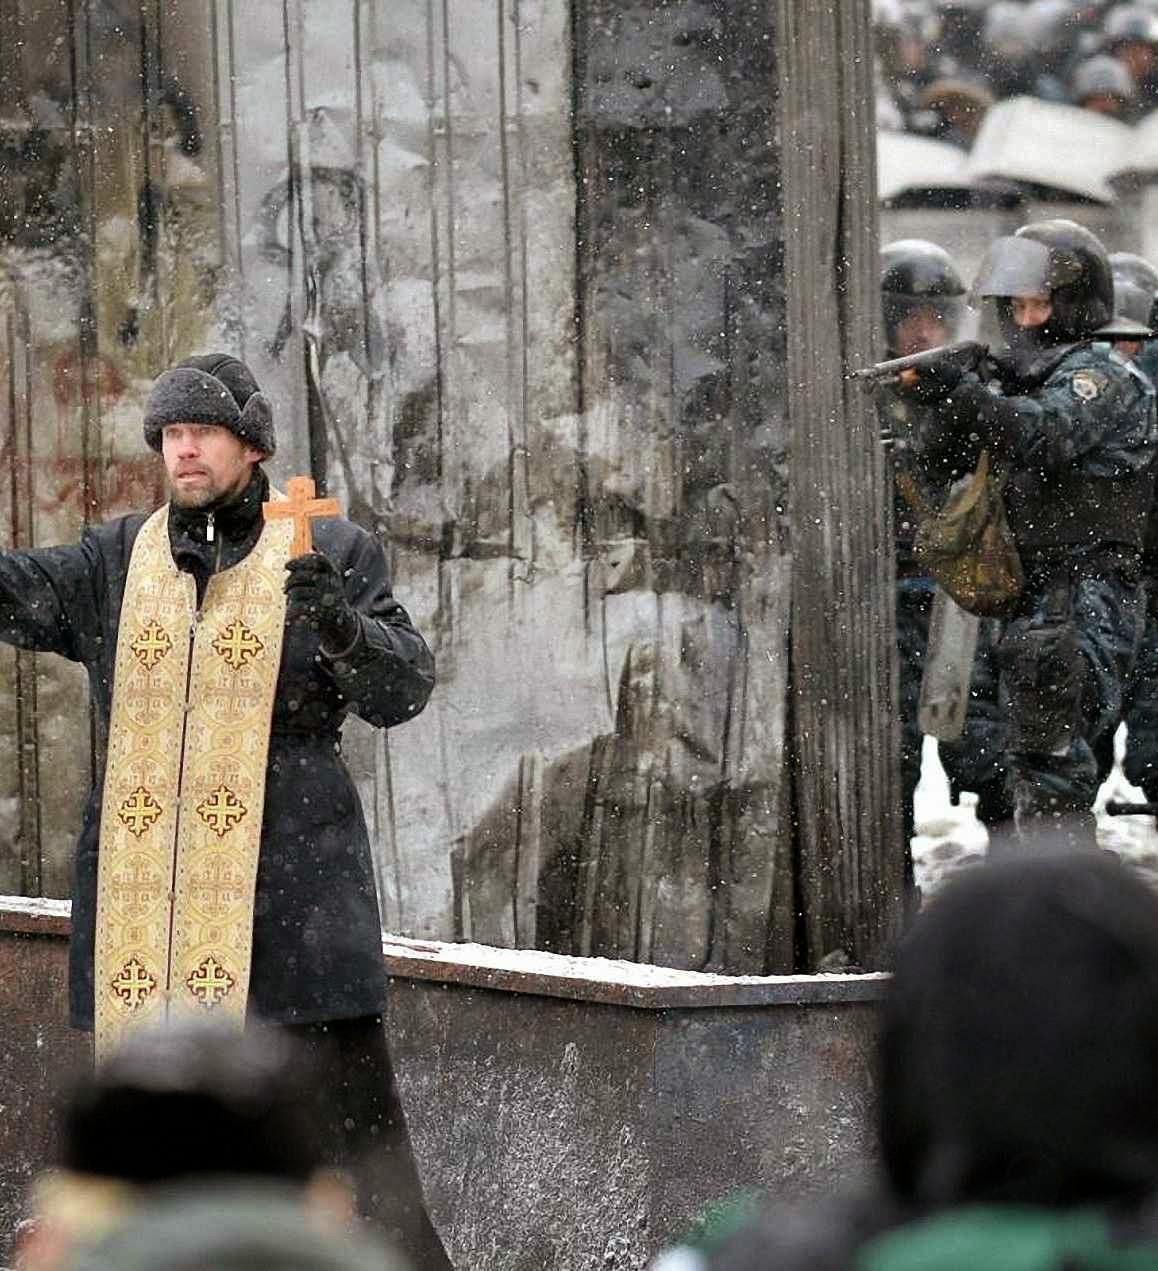 O passado glorioso dos mártires cristãos inspirou a reação ucraniana